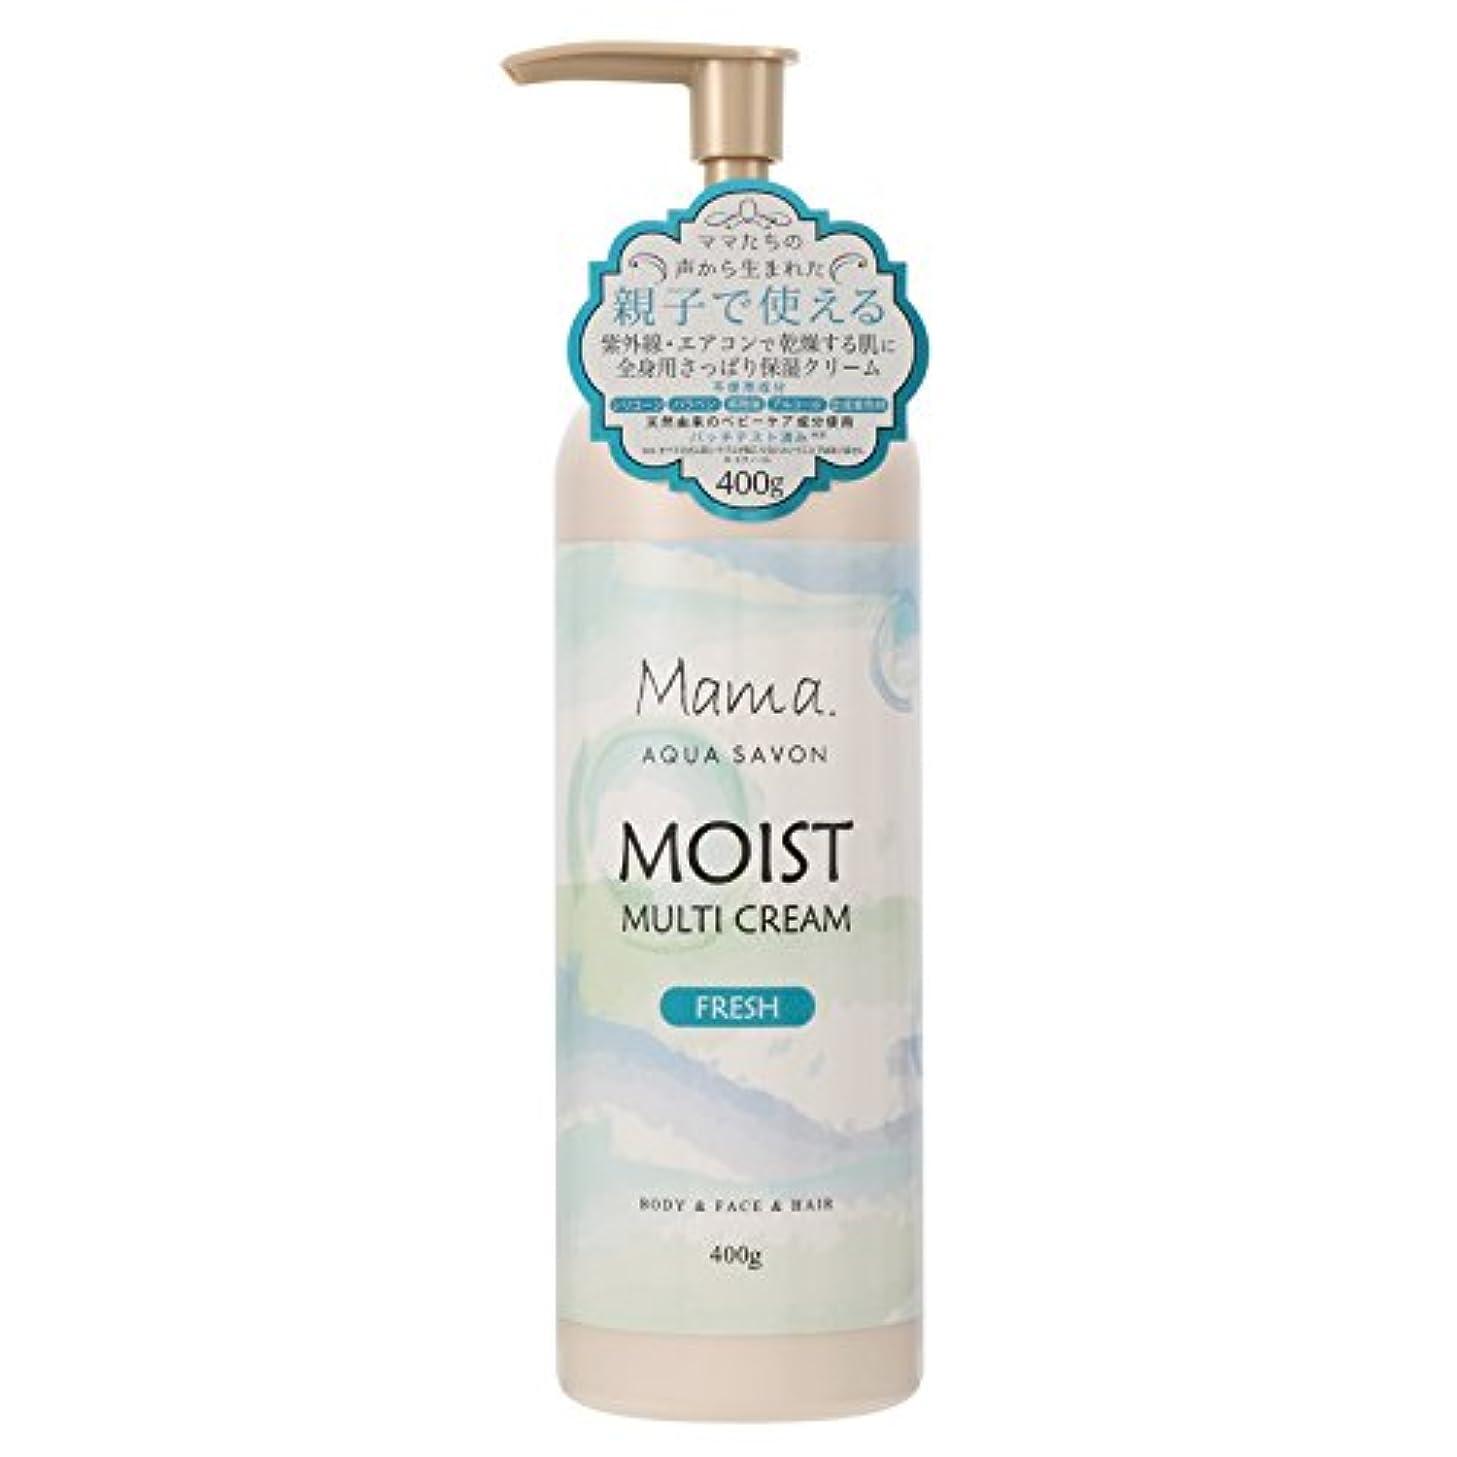 検索すずめアッティカスママアクアシャボン モイストマルチクリーム フレッシュ グリーンアロマウォーターの香り 400g